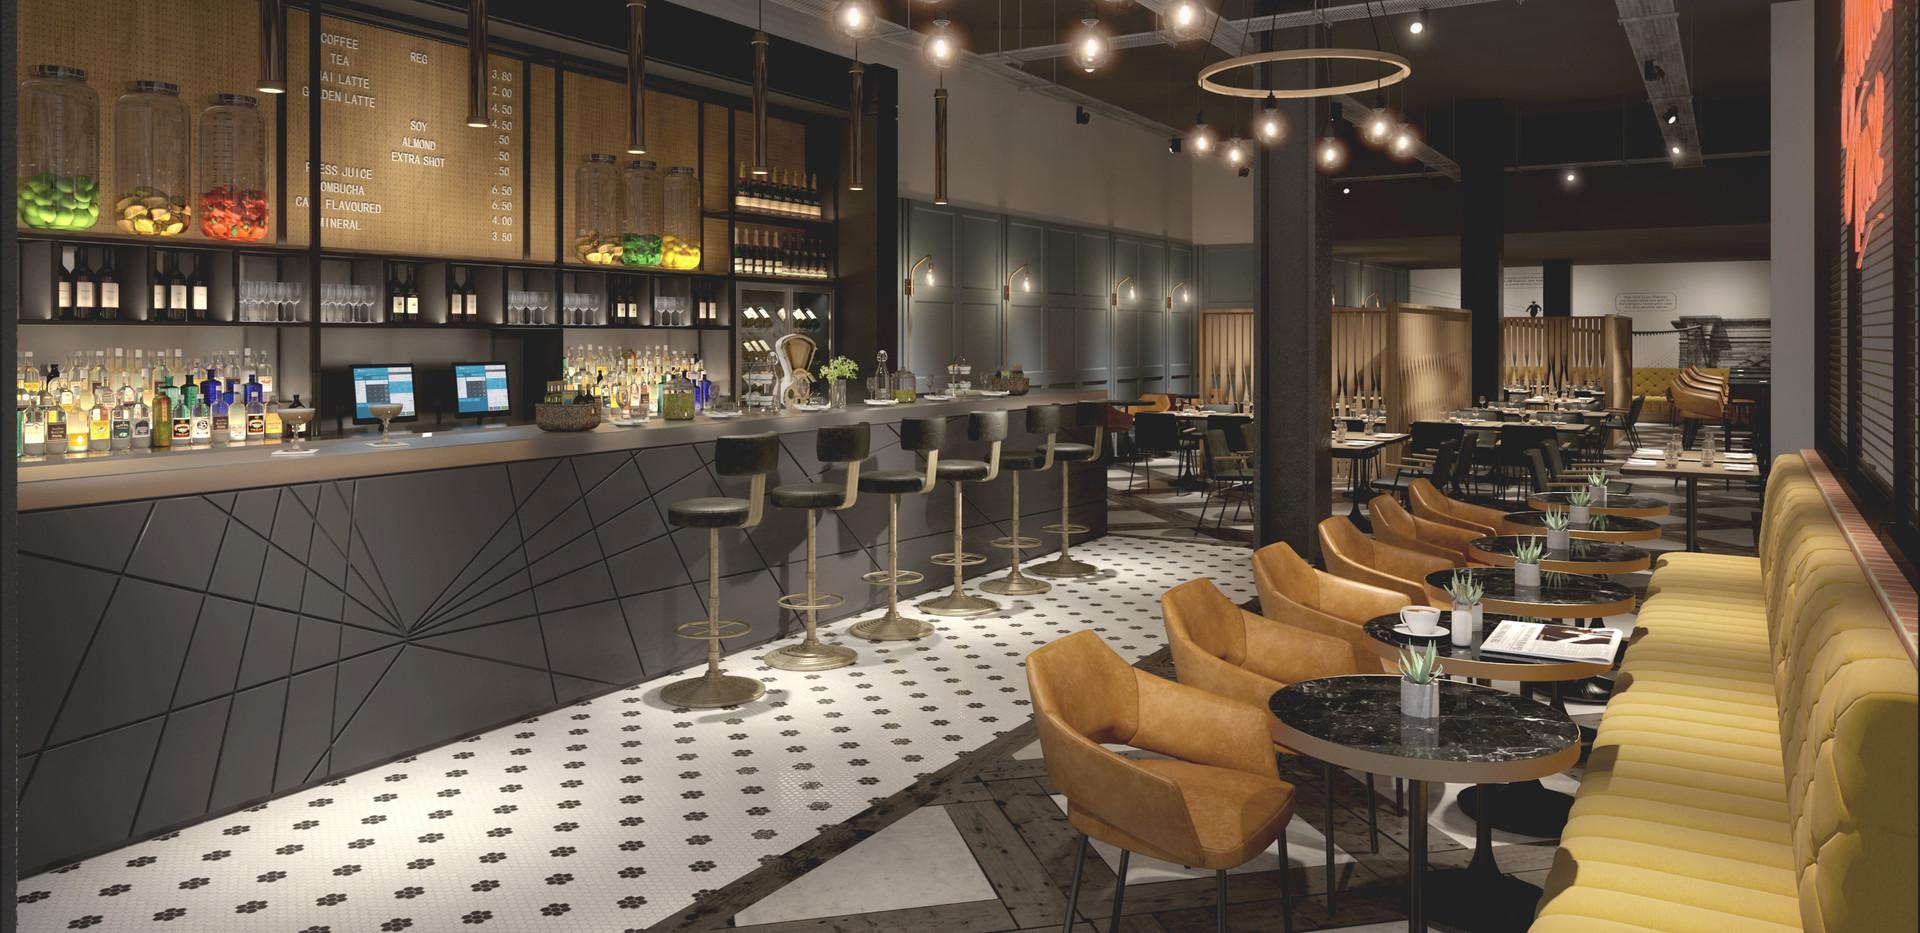 P571 Brooklyn Hotel Bar